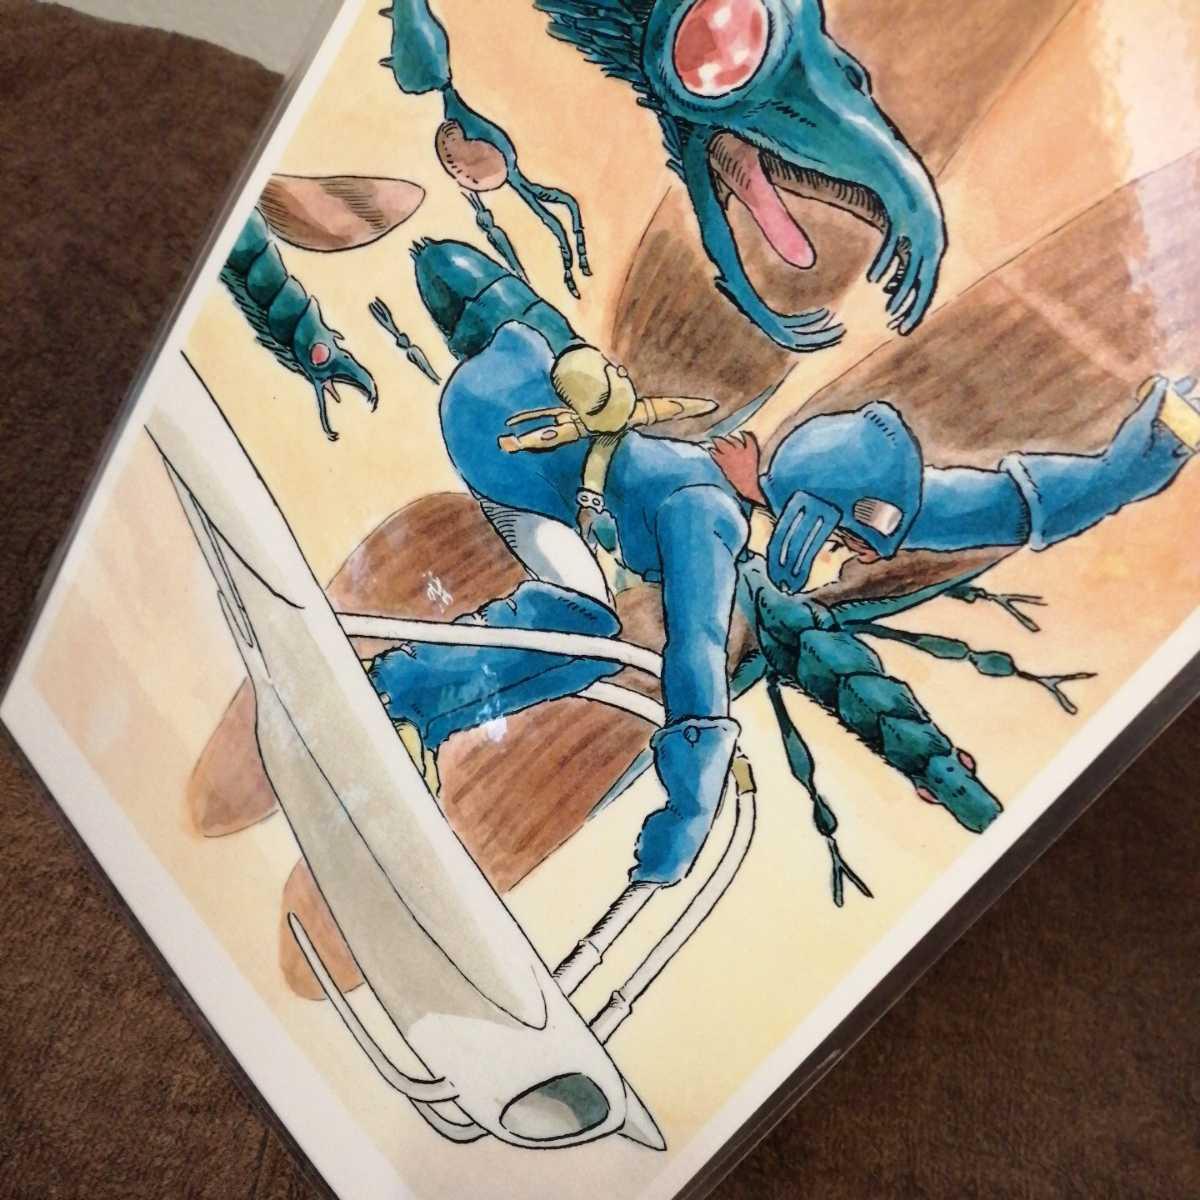 スタジオジブリ 風の谷のナウシカ ジブリカード ナウシカイラスト画 ラミネートカード パネル ポストカード ポスター 宮崎駿v_画像1